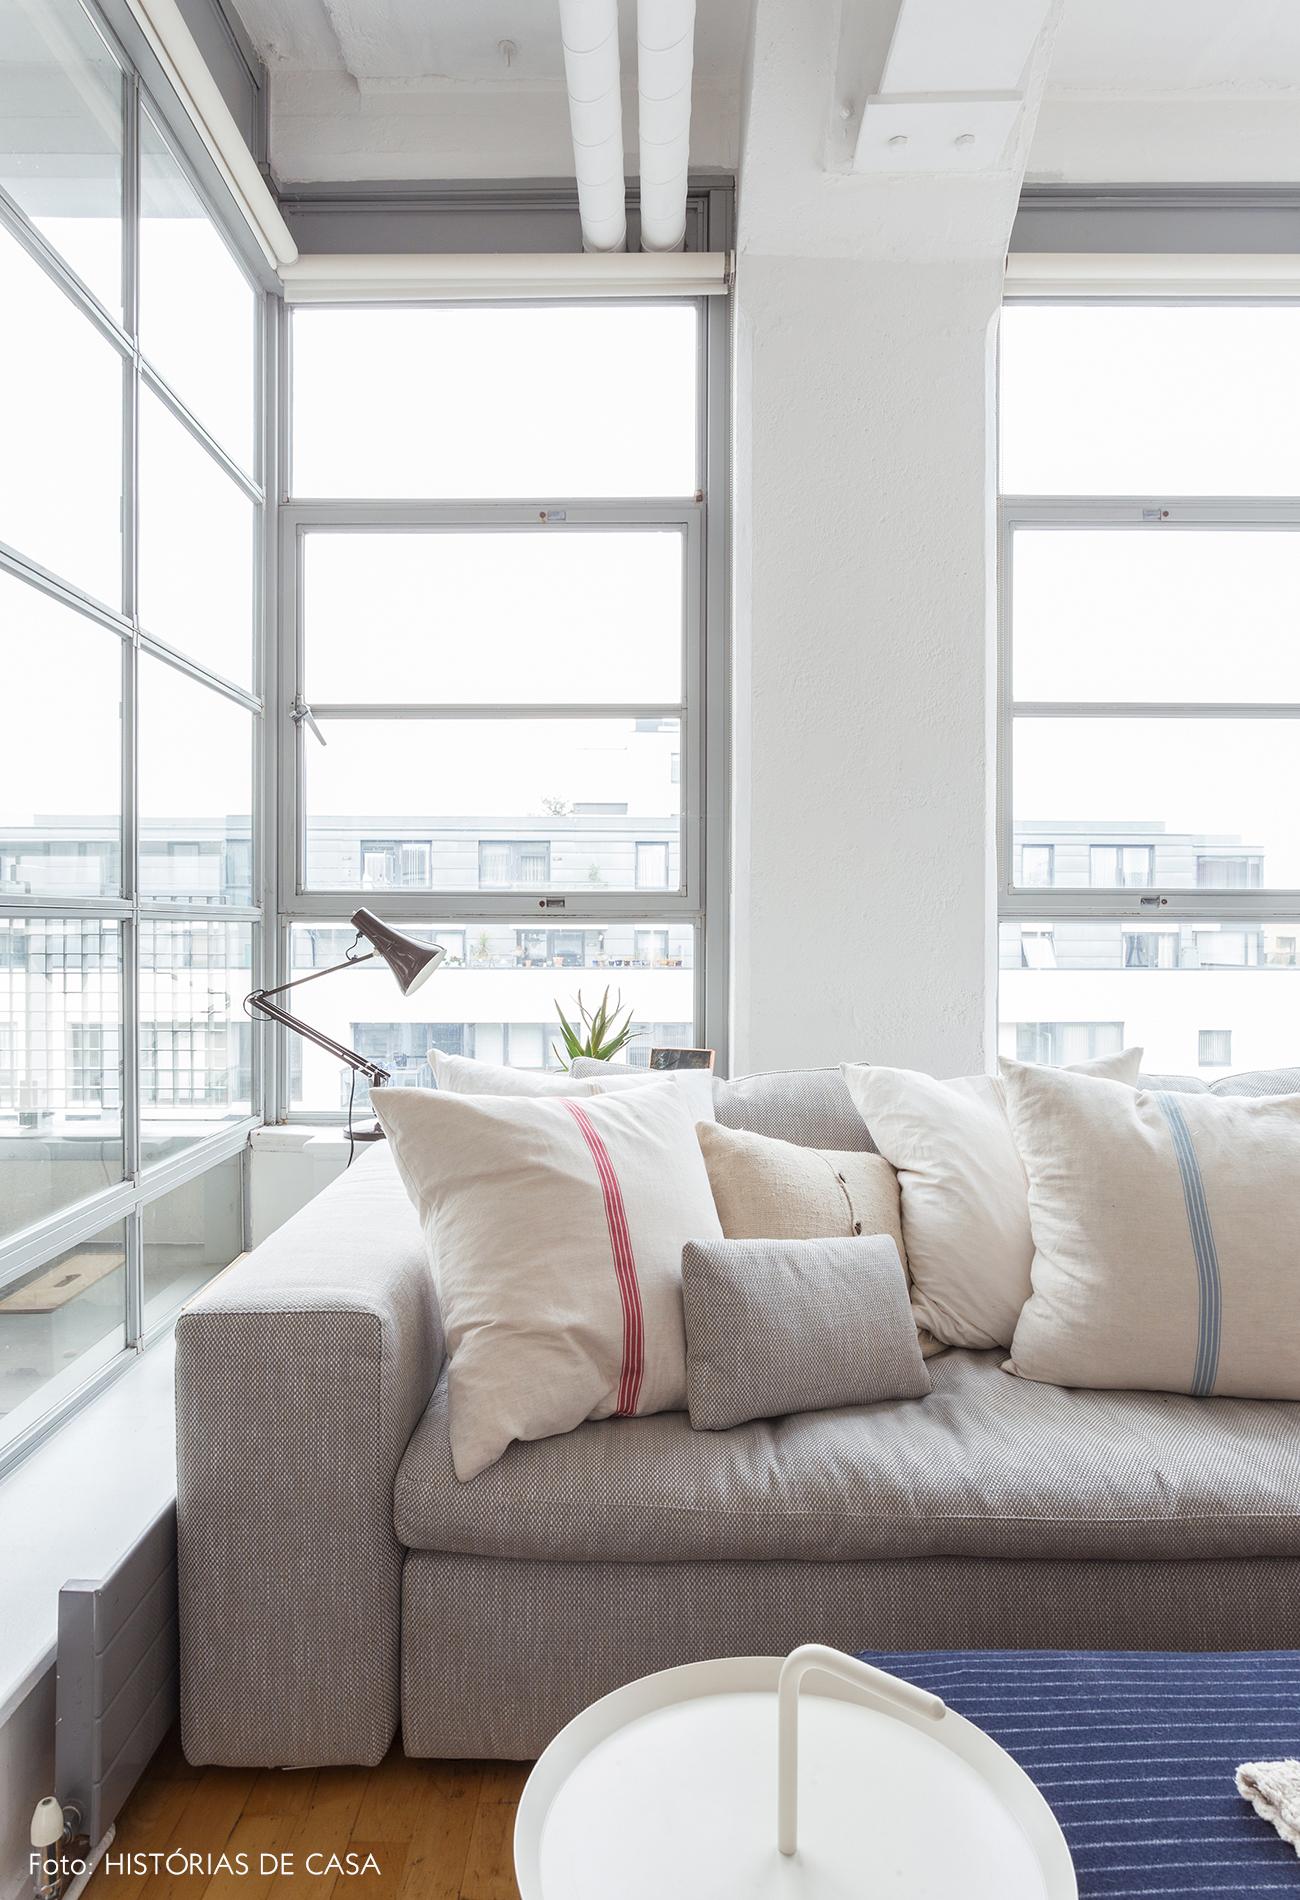 Sala de estar com janelas metálicas em Londres